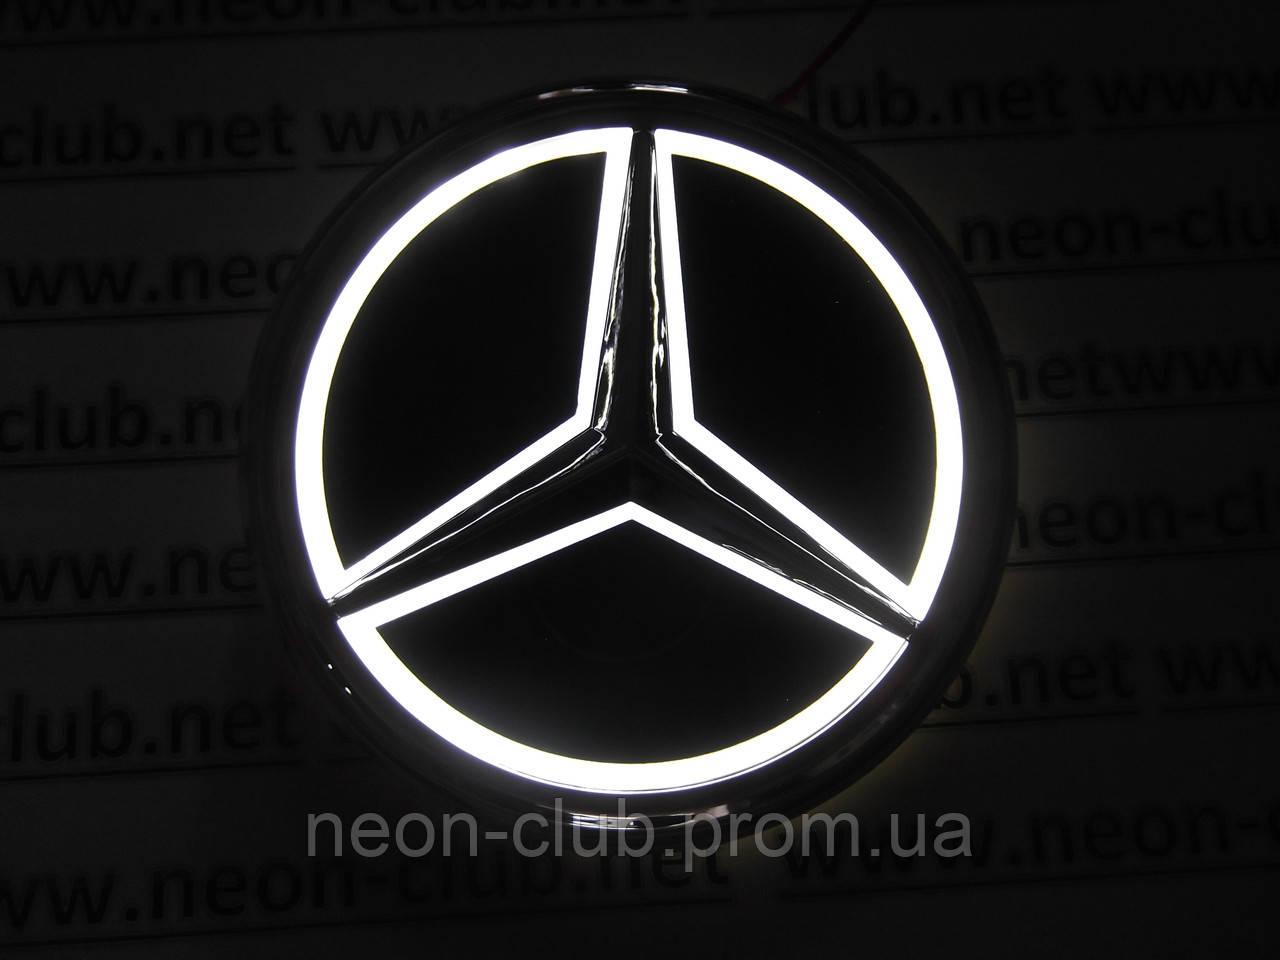 Как сделать значок мерседес своими руками. бортжурнал Mercedes-Benz 27